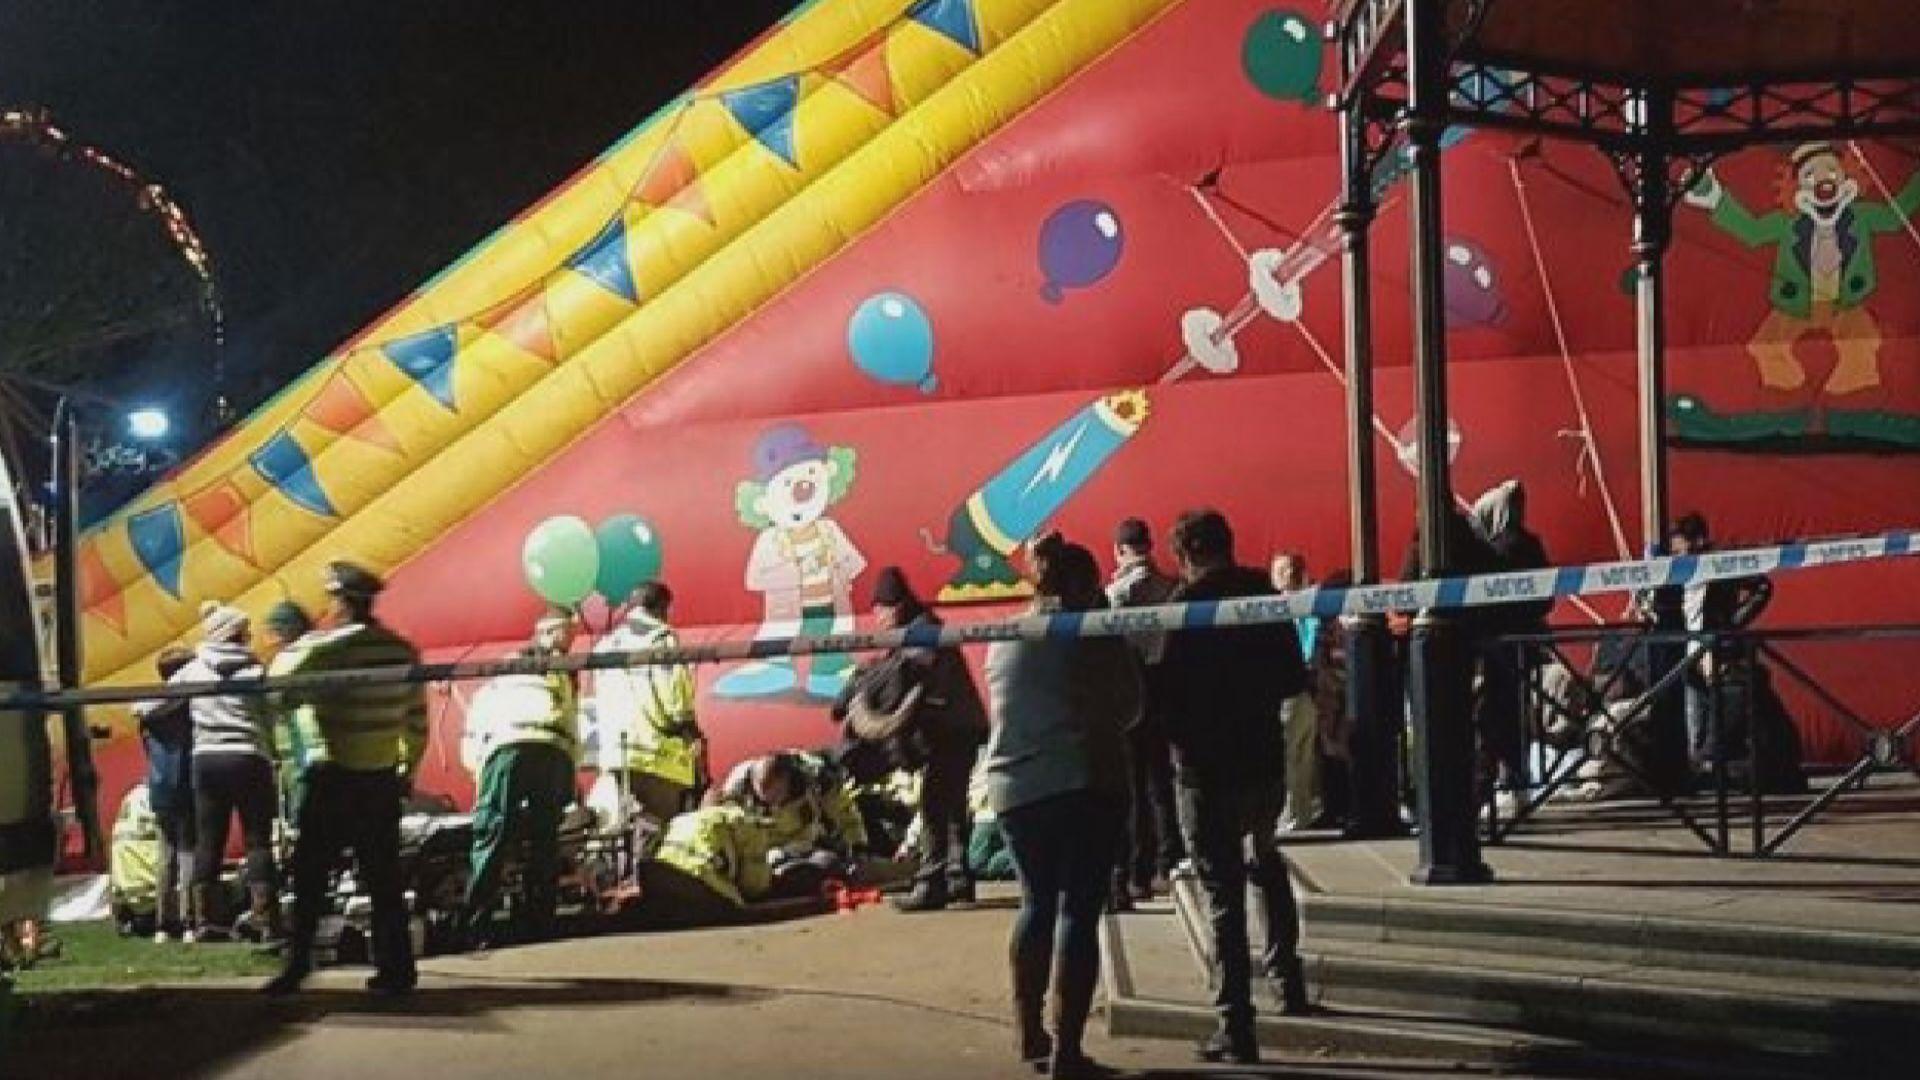 英國巨型充氣滑梯意外八名小童重傷